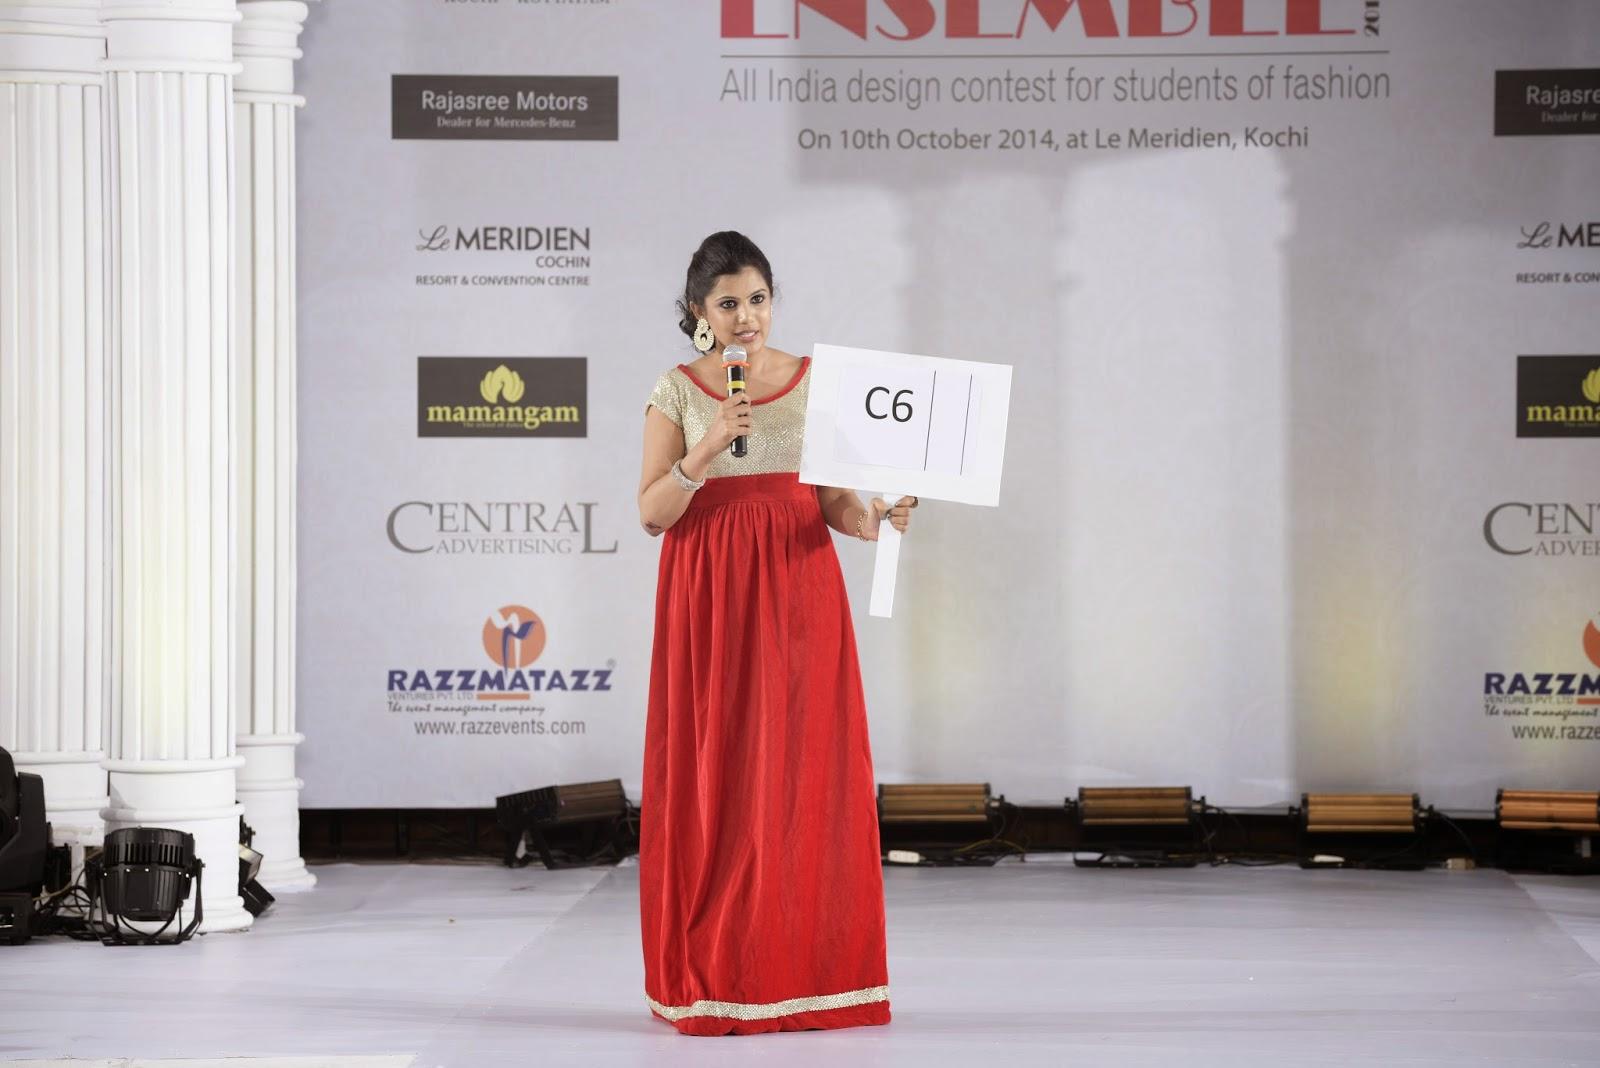 Seematti Ensemble 2014 C6 Flower Power Institute Of Fashion Designing Cochin Team 2